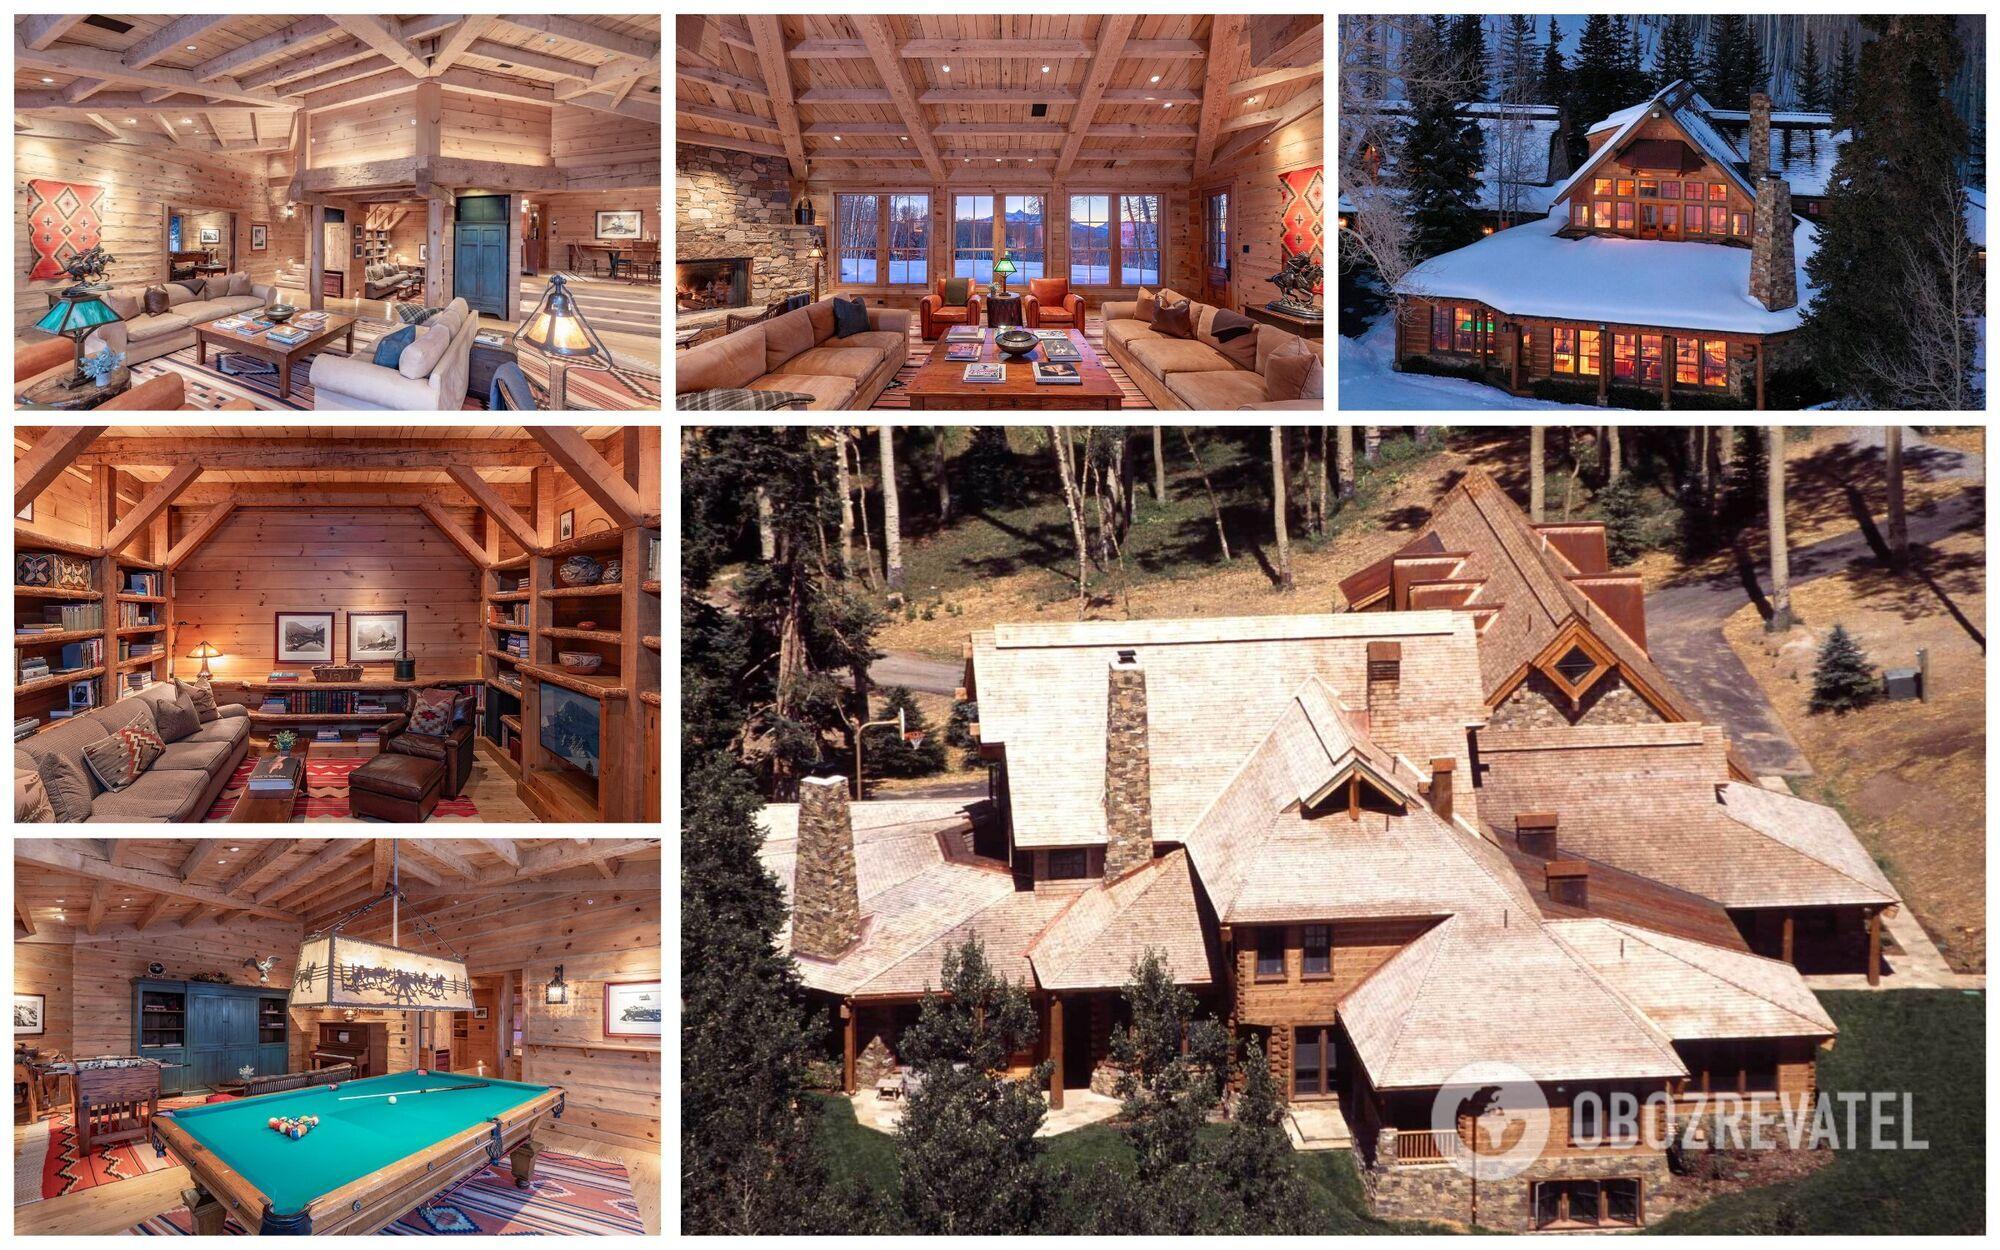 Том Круз неодноразово намагався продати свій розкішний маєток у класичному гірському стилі